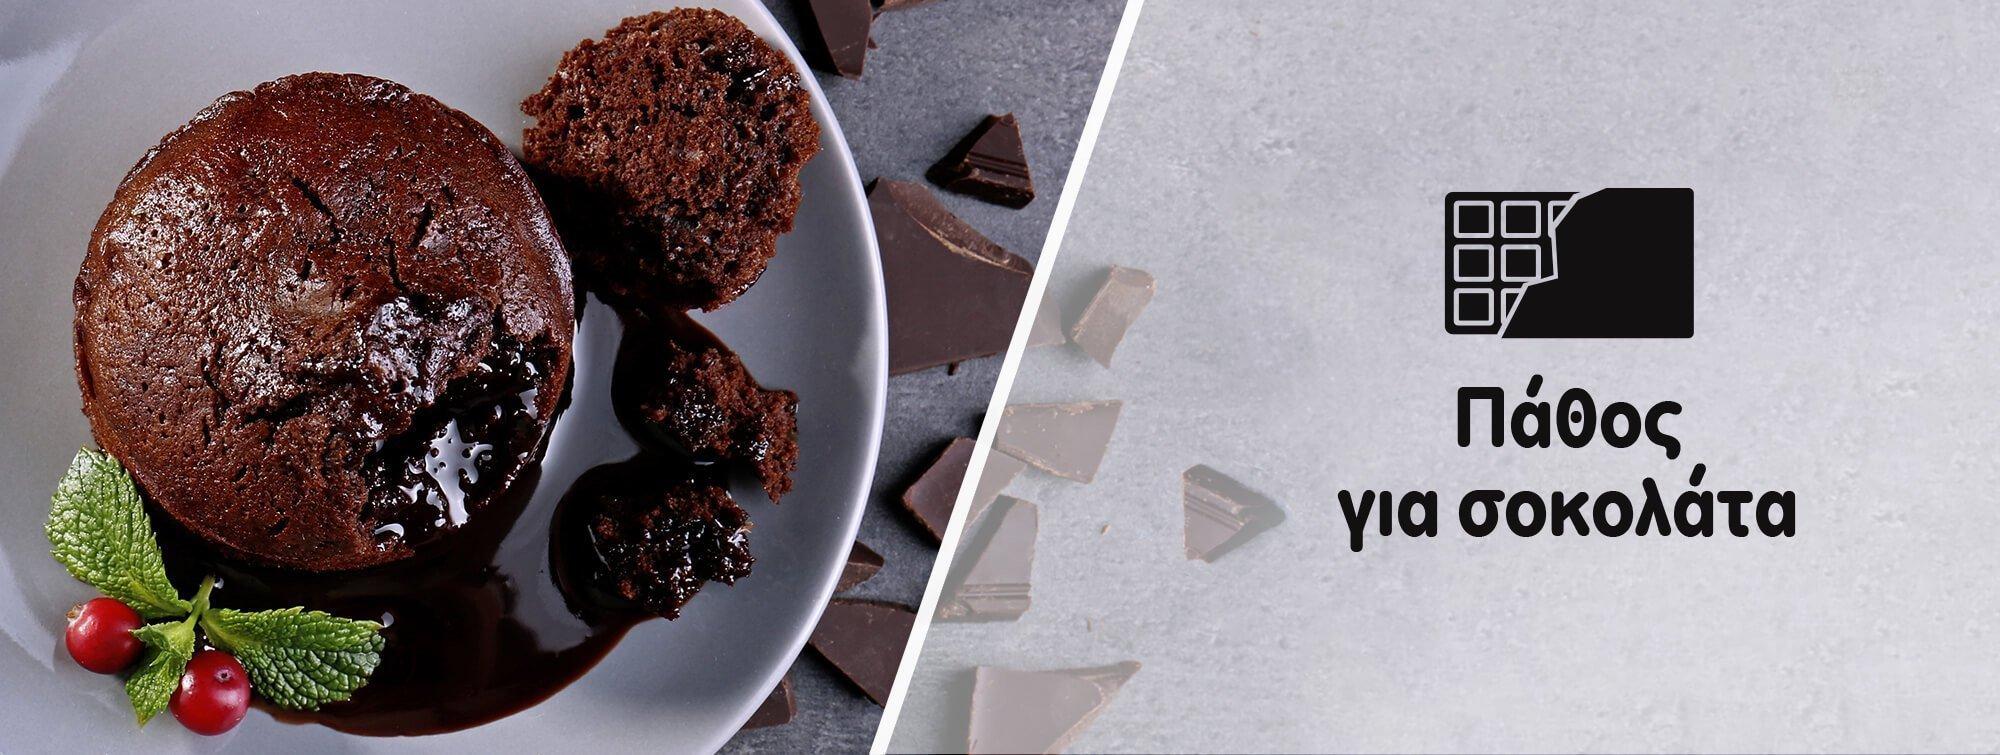 Πάθος για σοκολάτα!